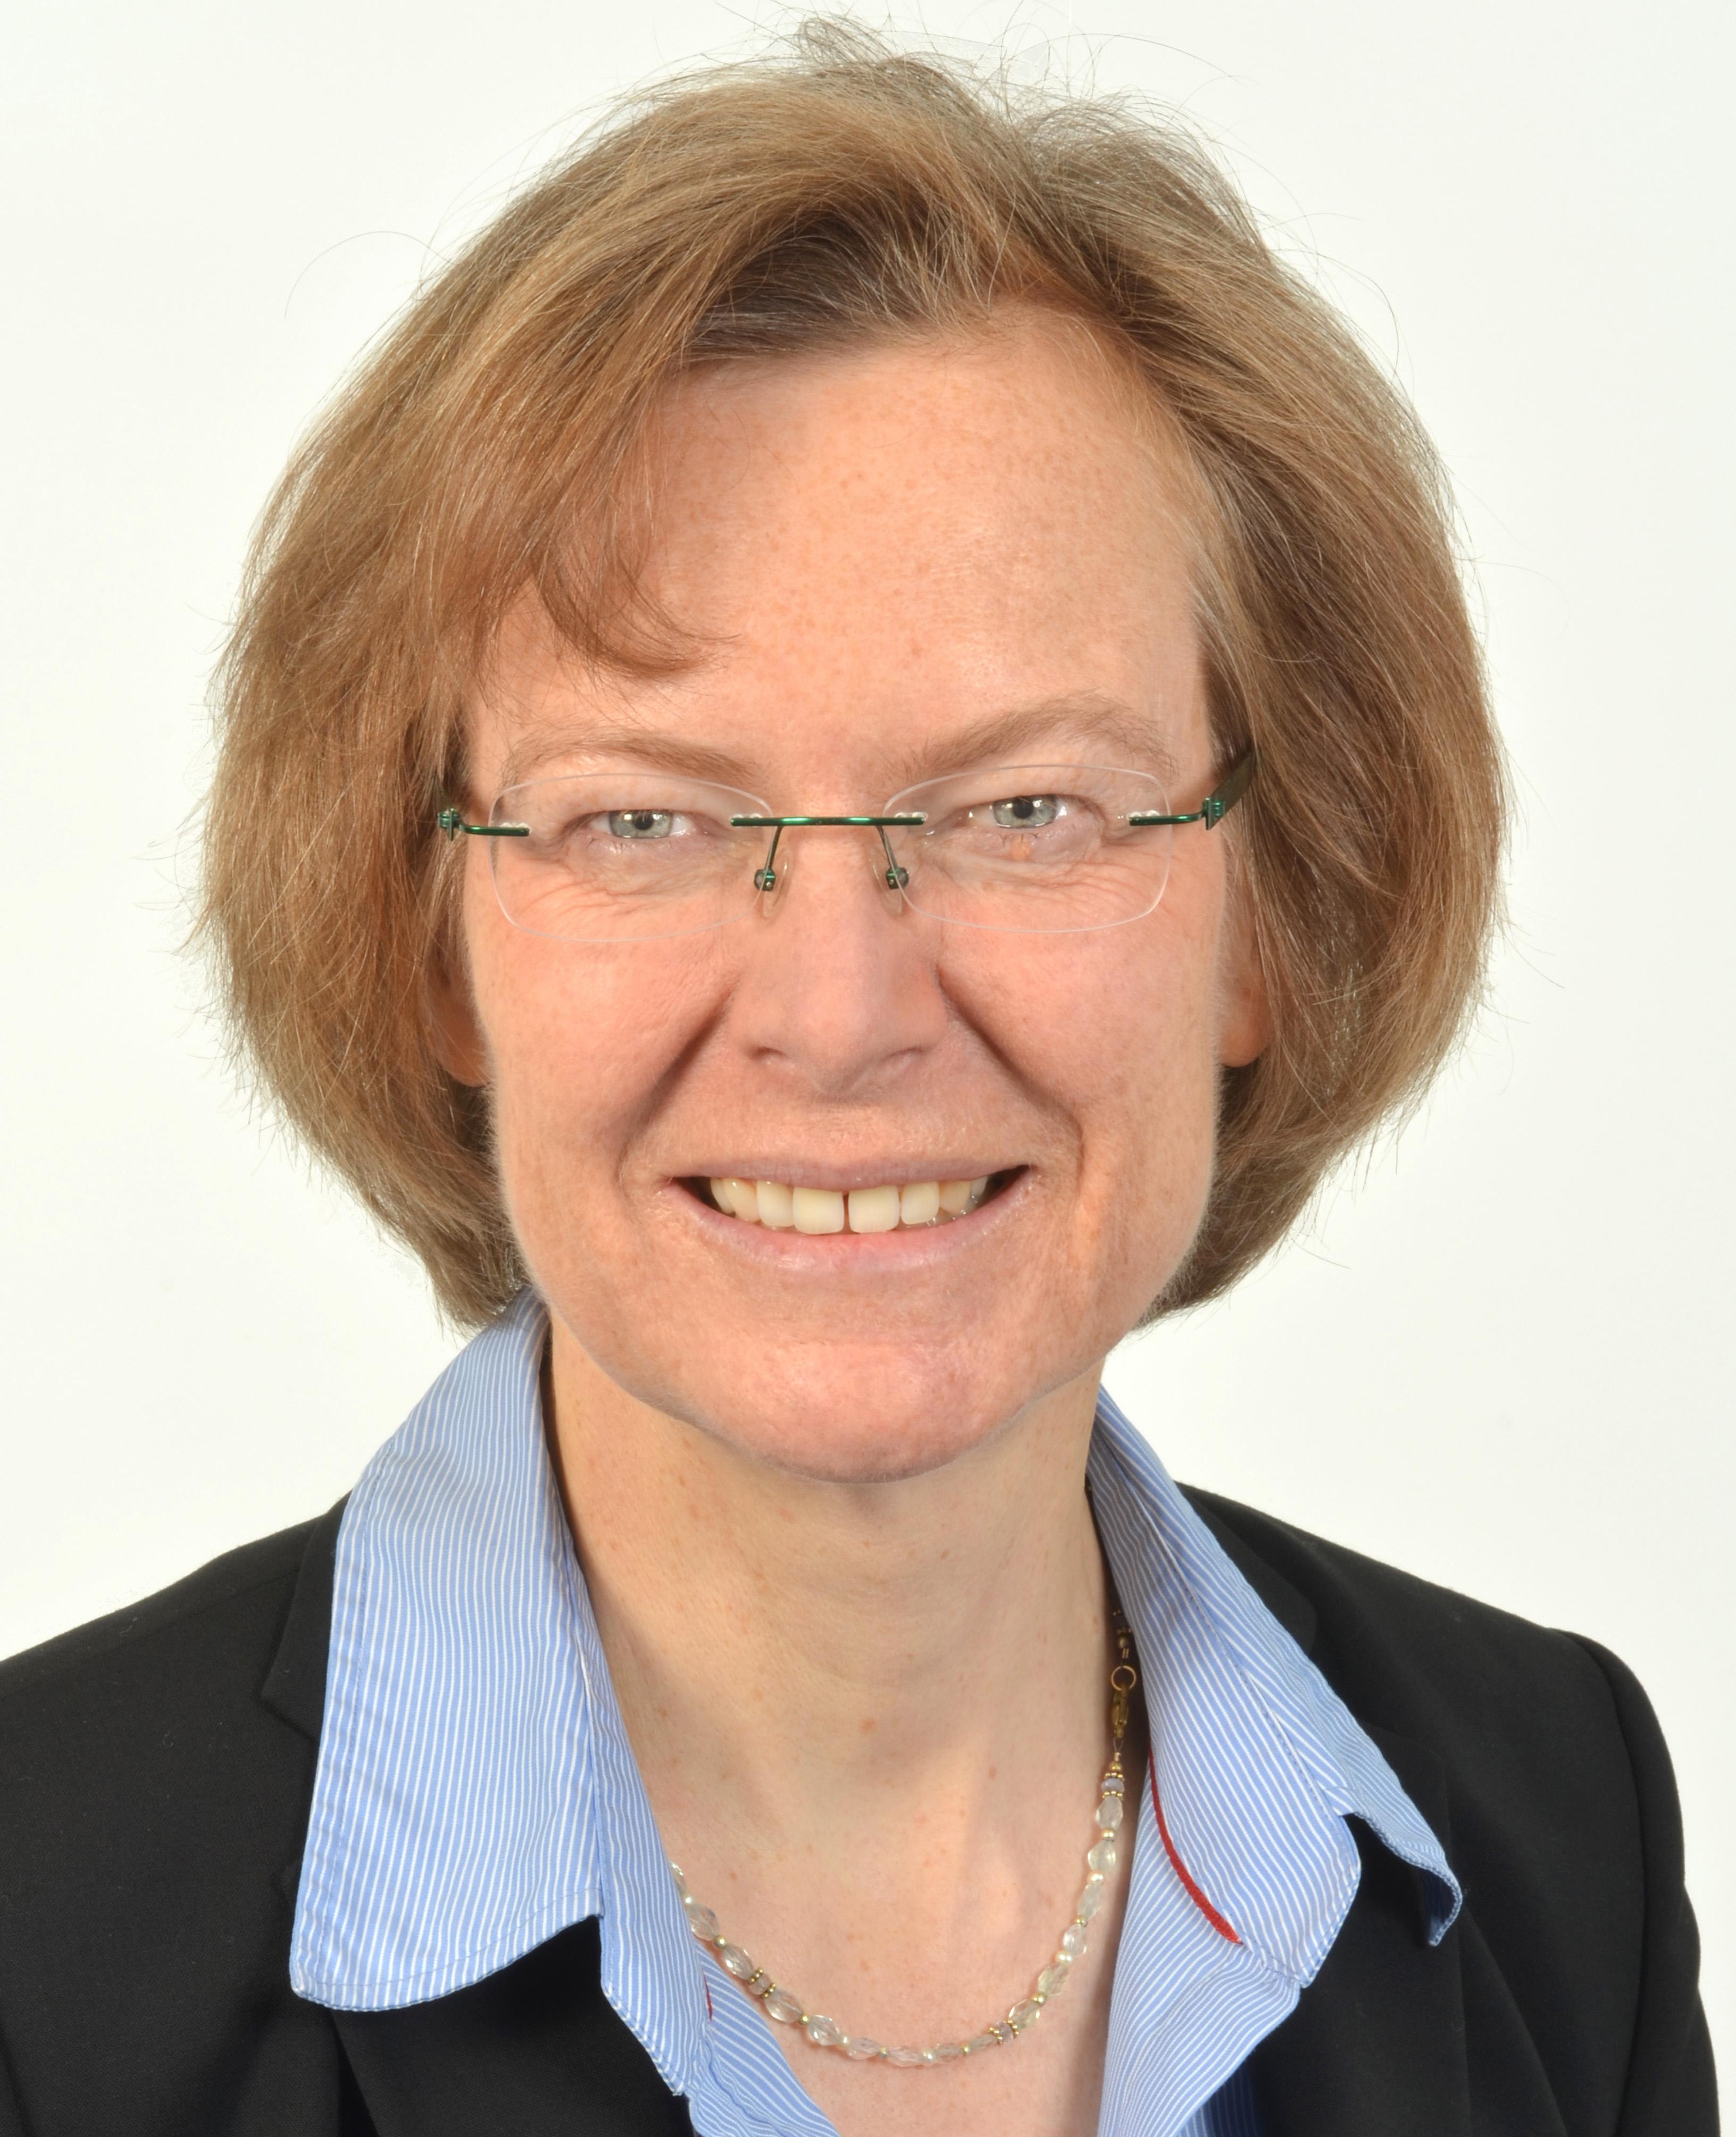 Prof. Stefanie Reese